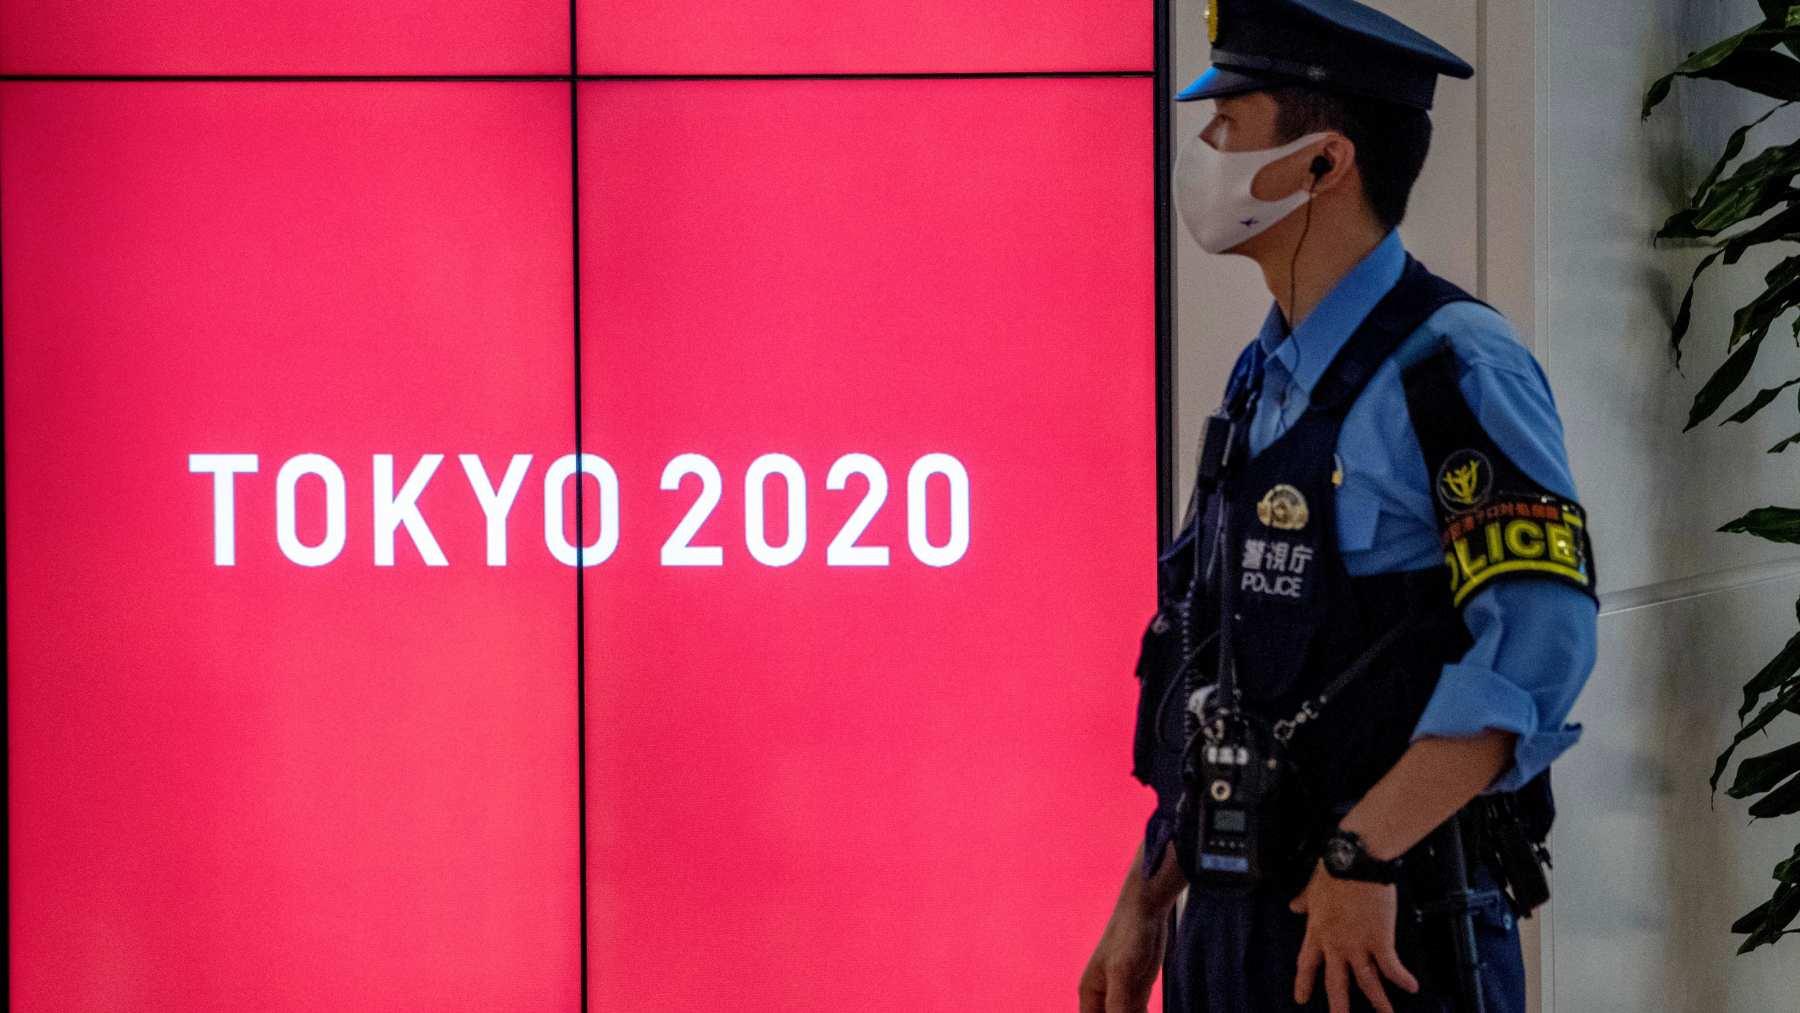 Un policía japonés vigila una de las instalaciones de Tokio 2020. (AFP)